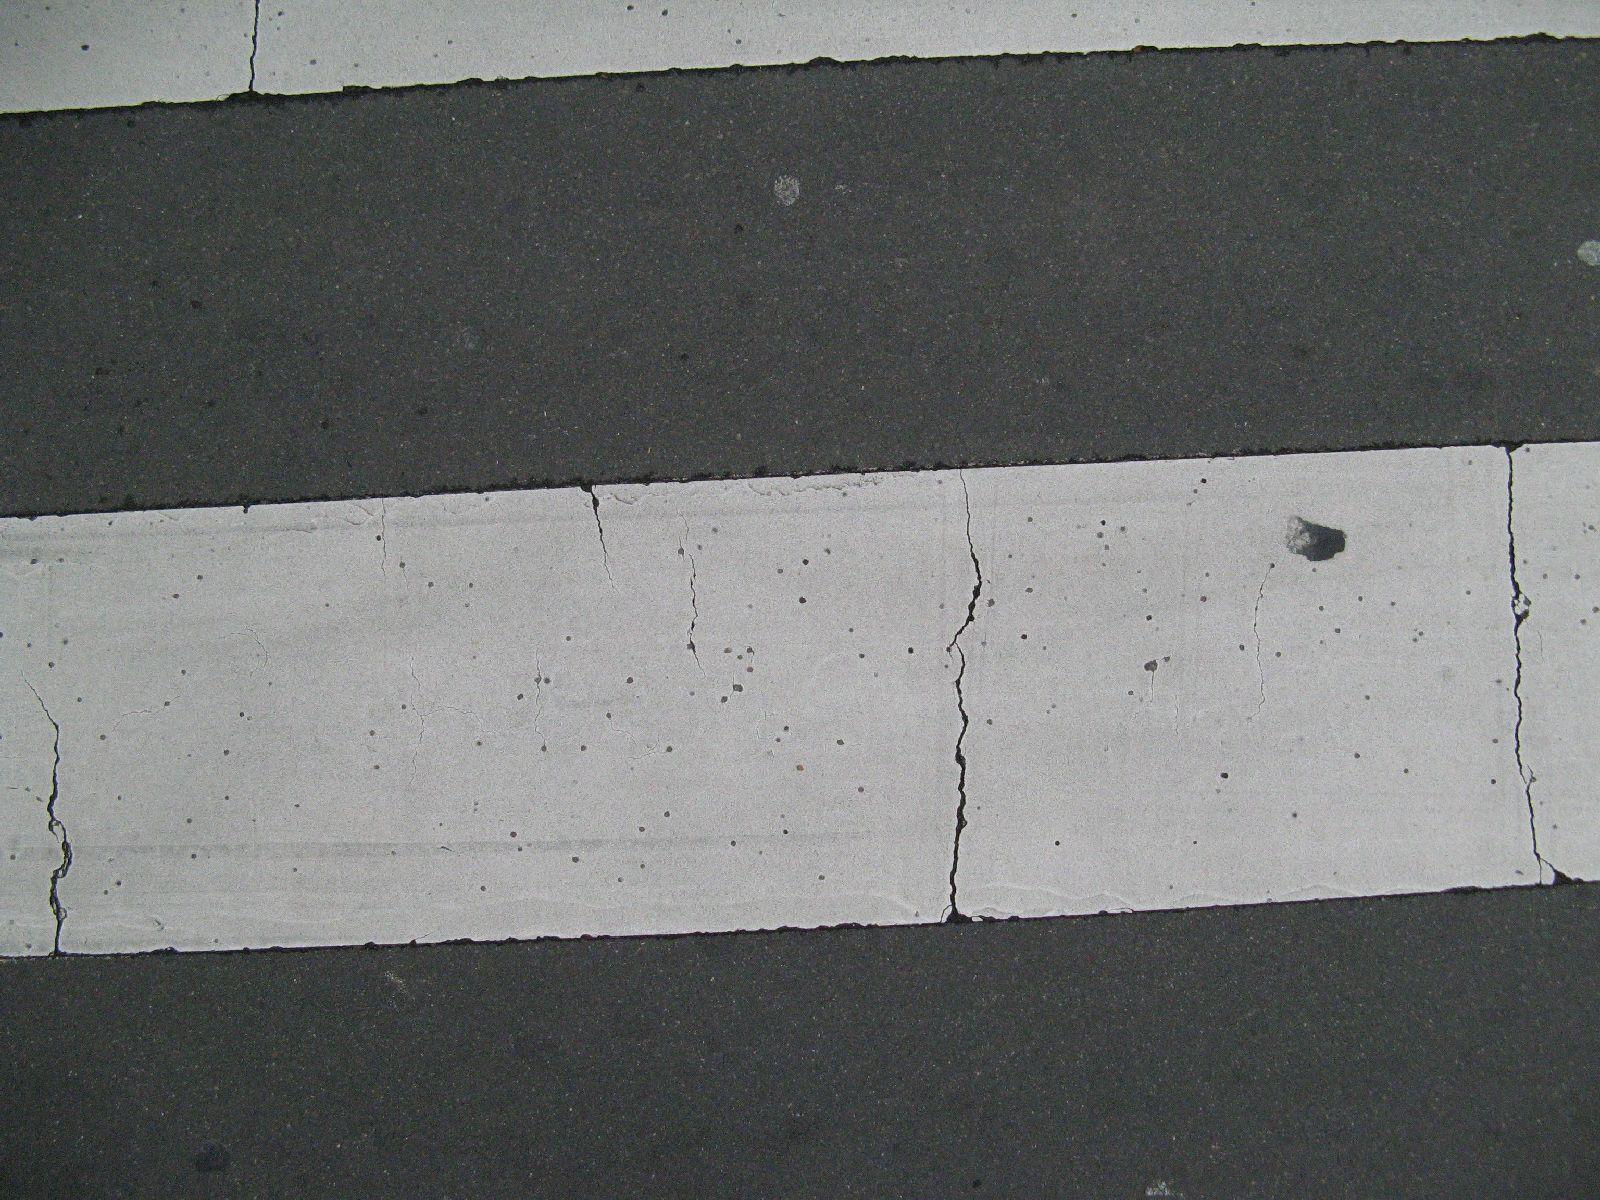 Boden-Strassenelemente_Textur_B_2362